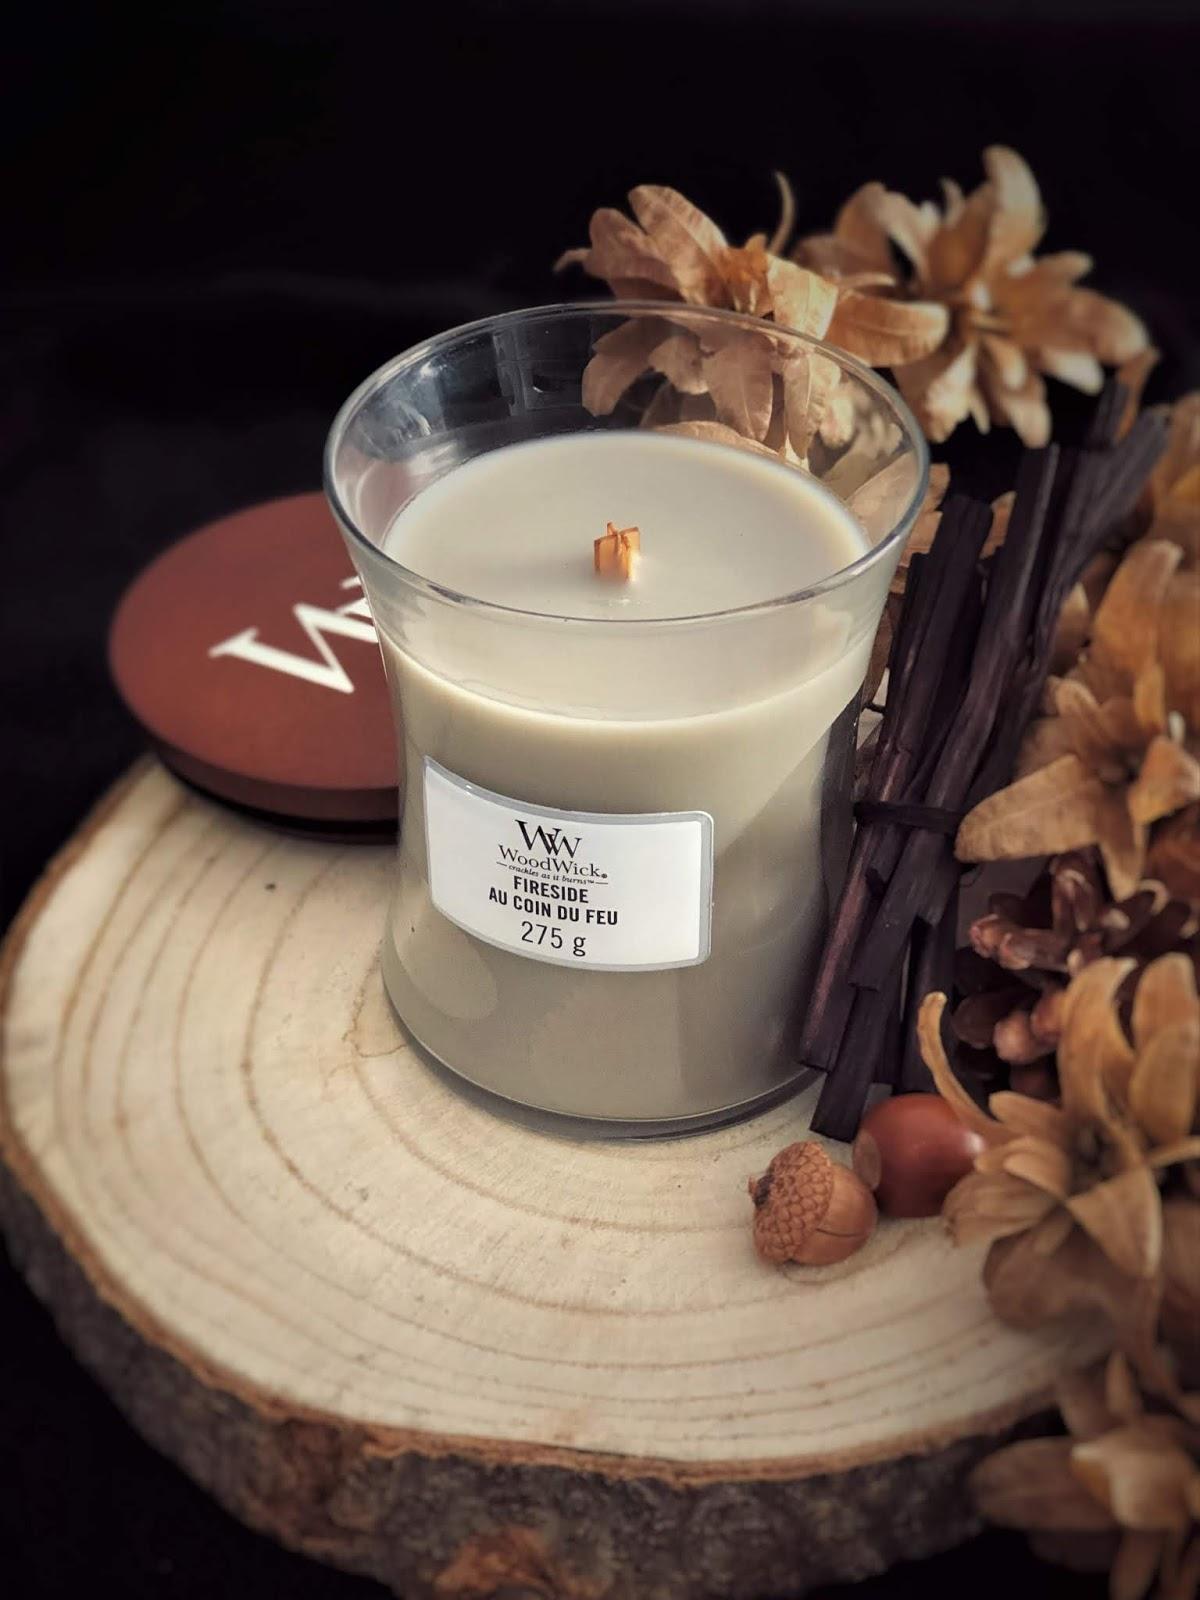 Zapach palącego się drewna zamknięty w świecy